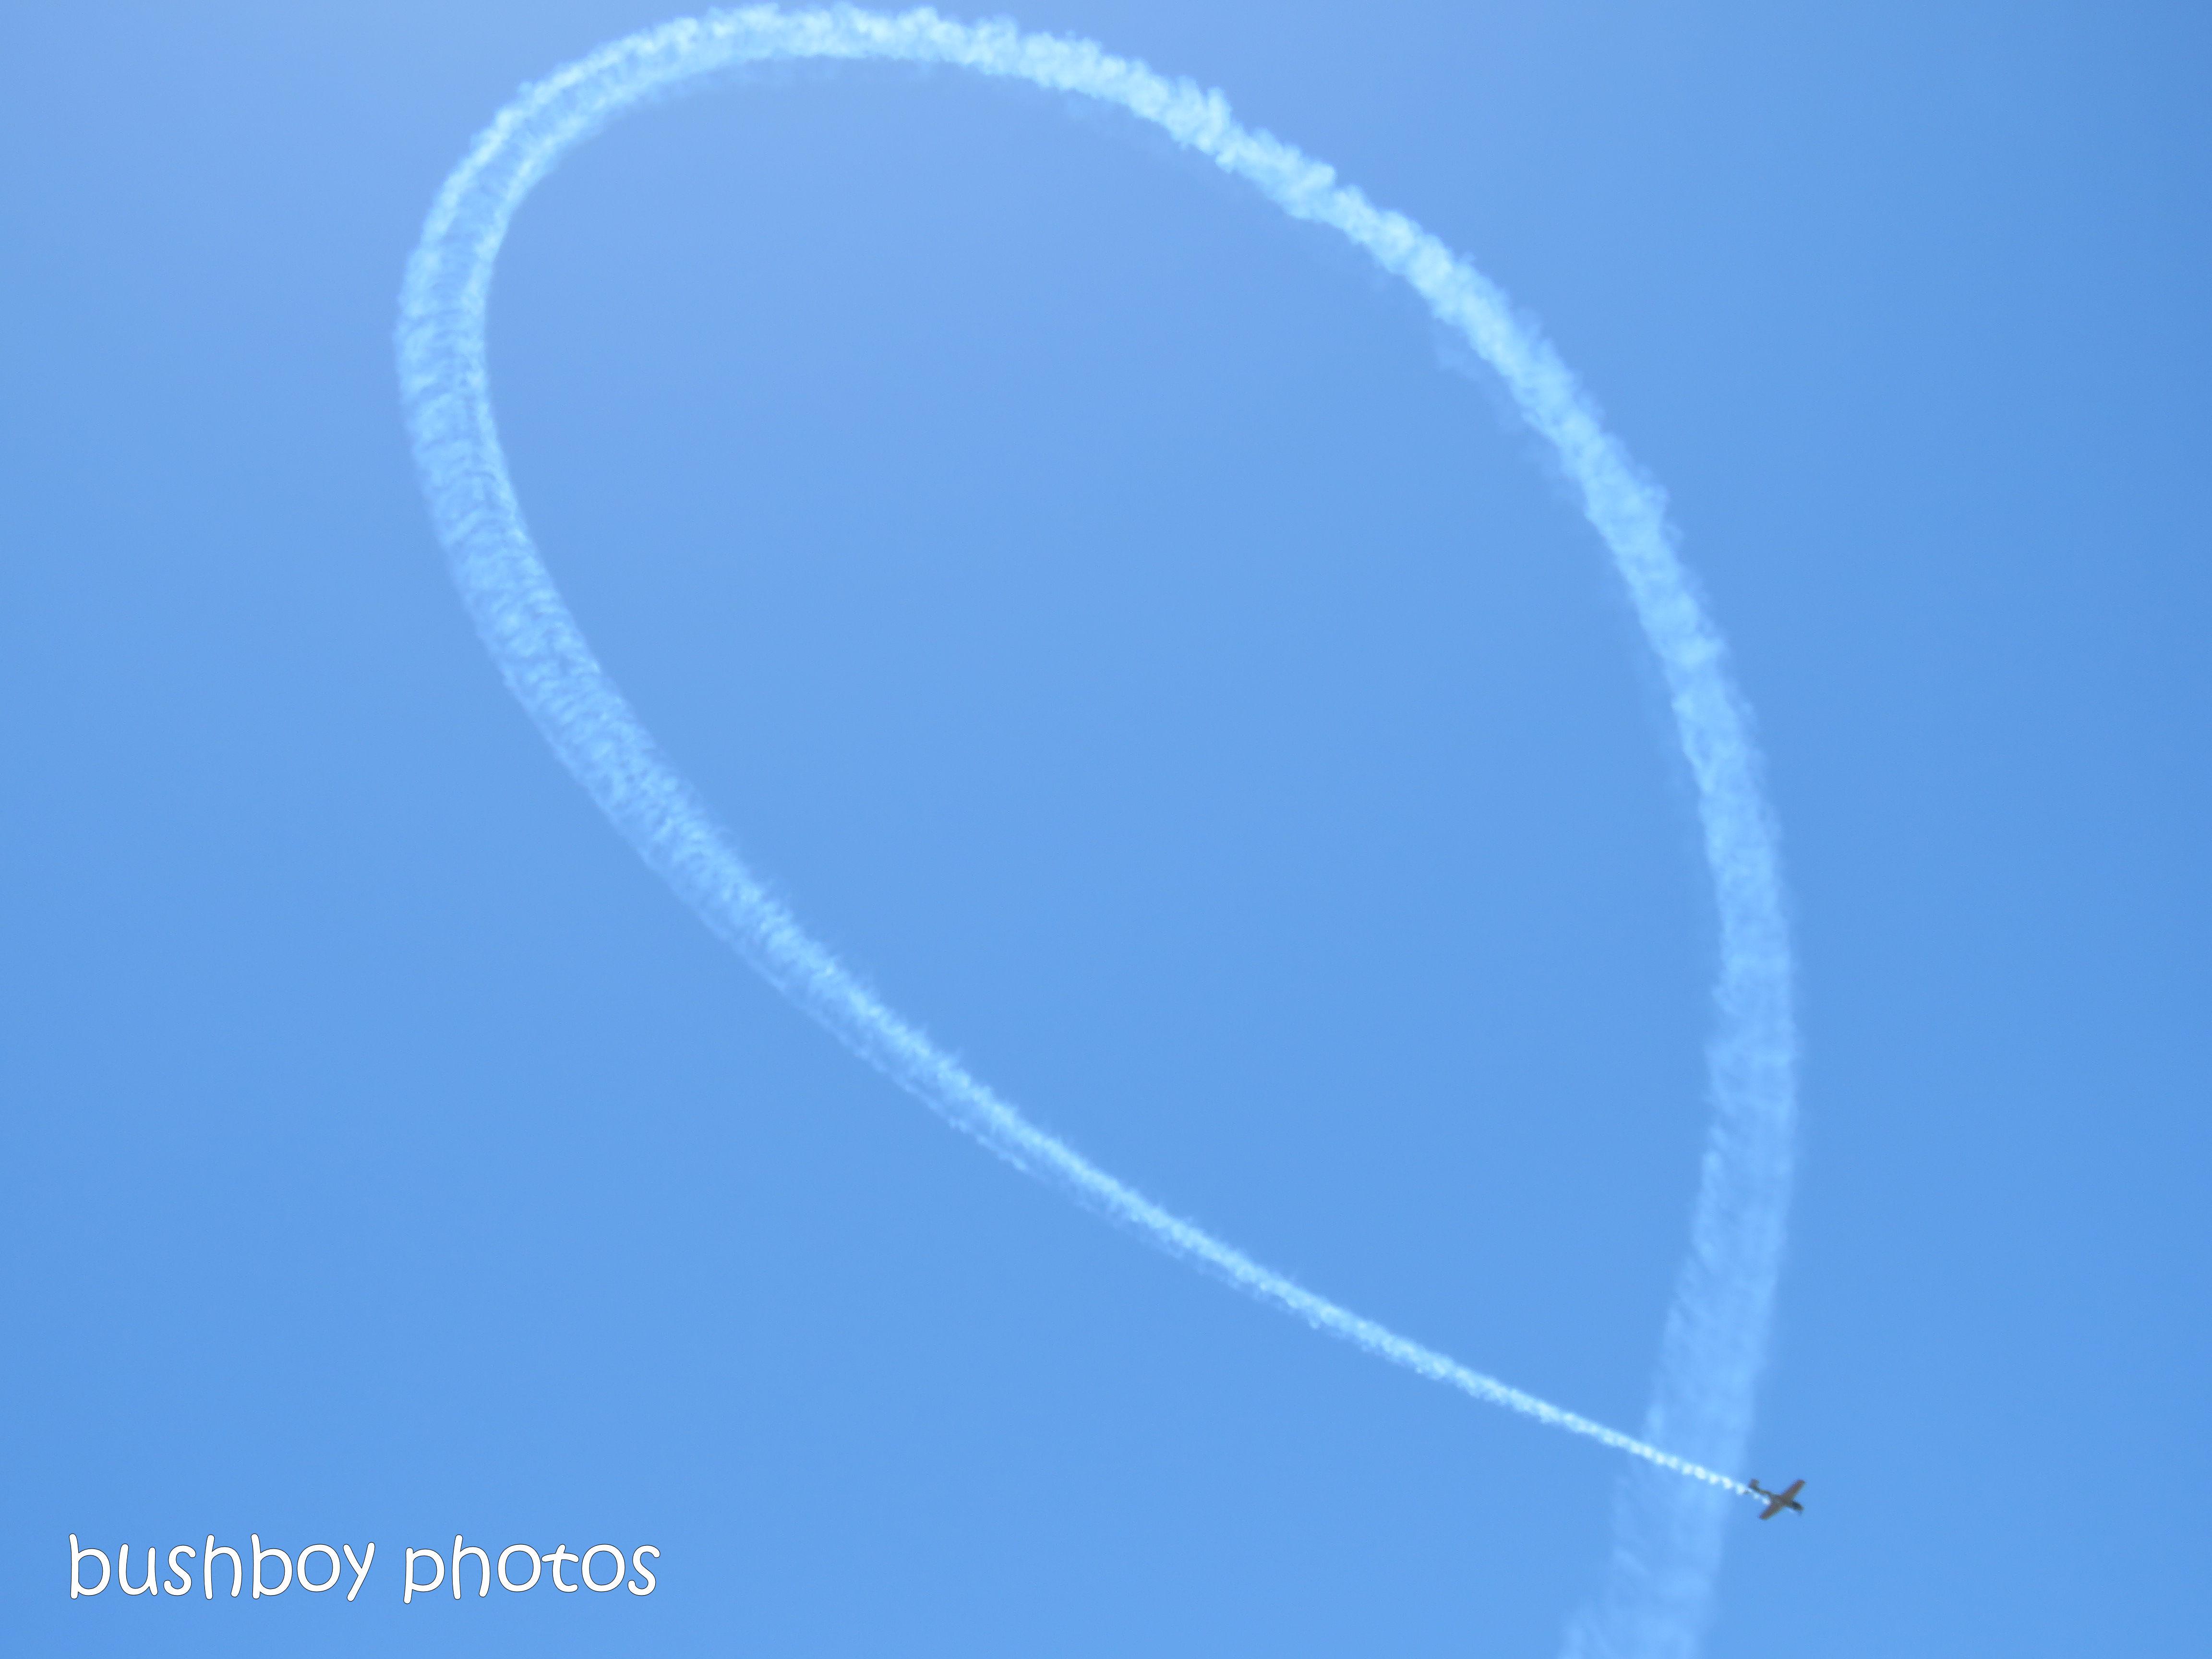 190218_blog_challenge_up_aeroplane3